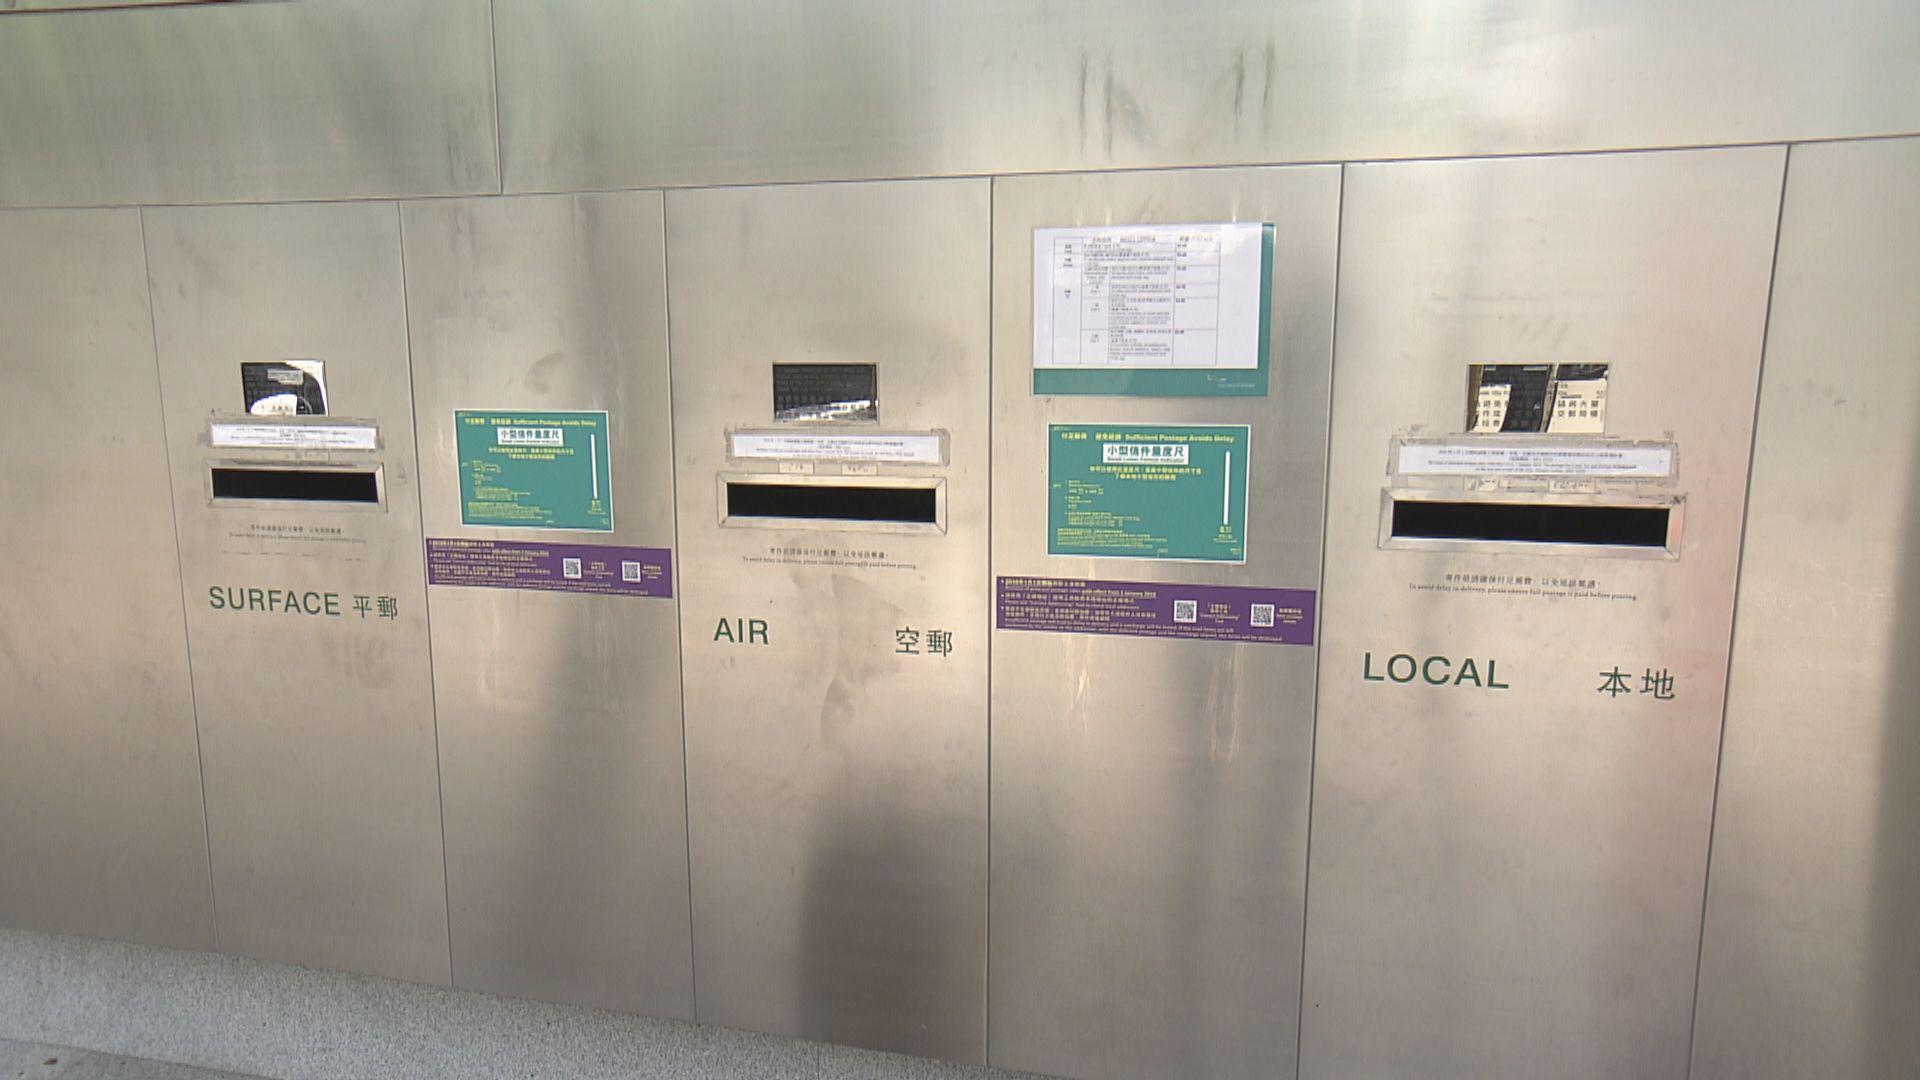 【最新】郵局櫃位、郵件派遞服務明日起暫停至周日